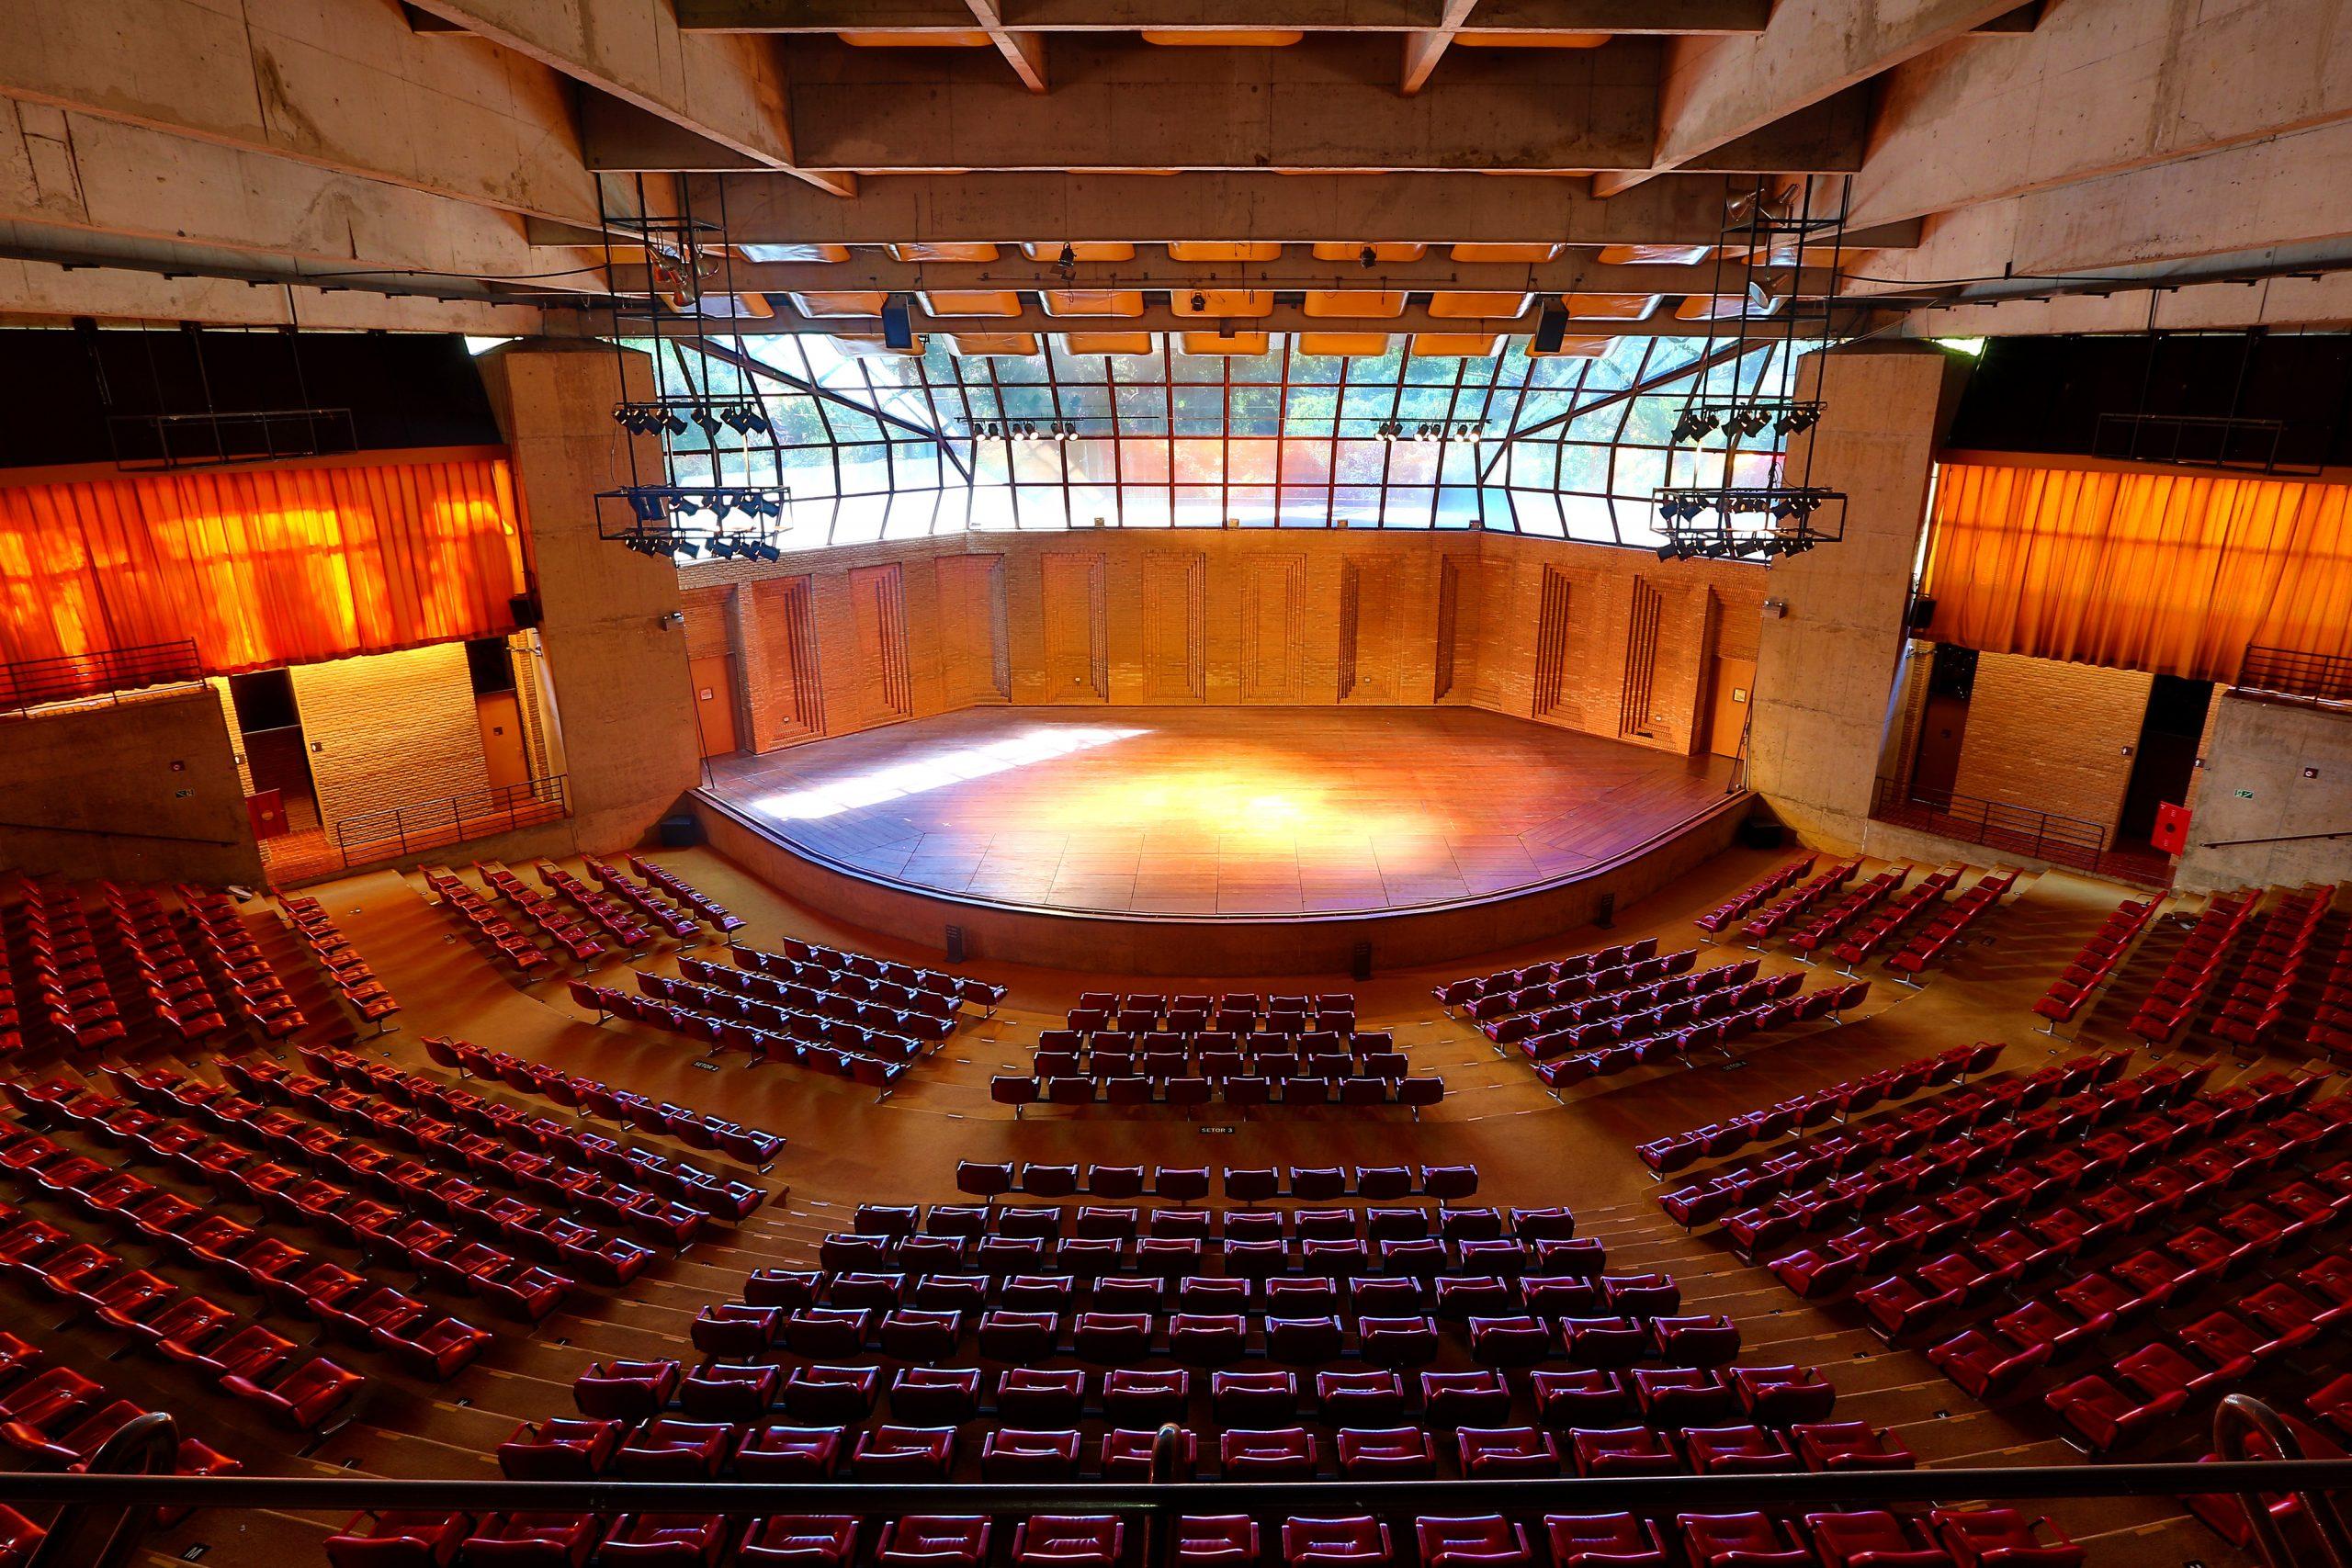 A imagem mostra o Auditório Claudio Santoro que possui uma arquitetura que se assemelha a arena. Há diversas poltronas na cor vermelha, um palco com luzes e vidraças nas quais é possível observar a natureza.